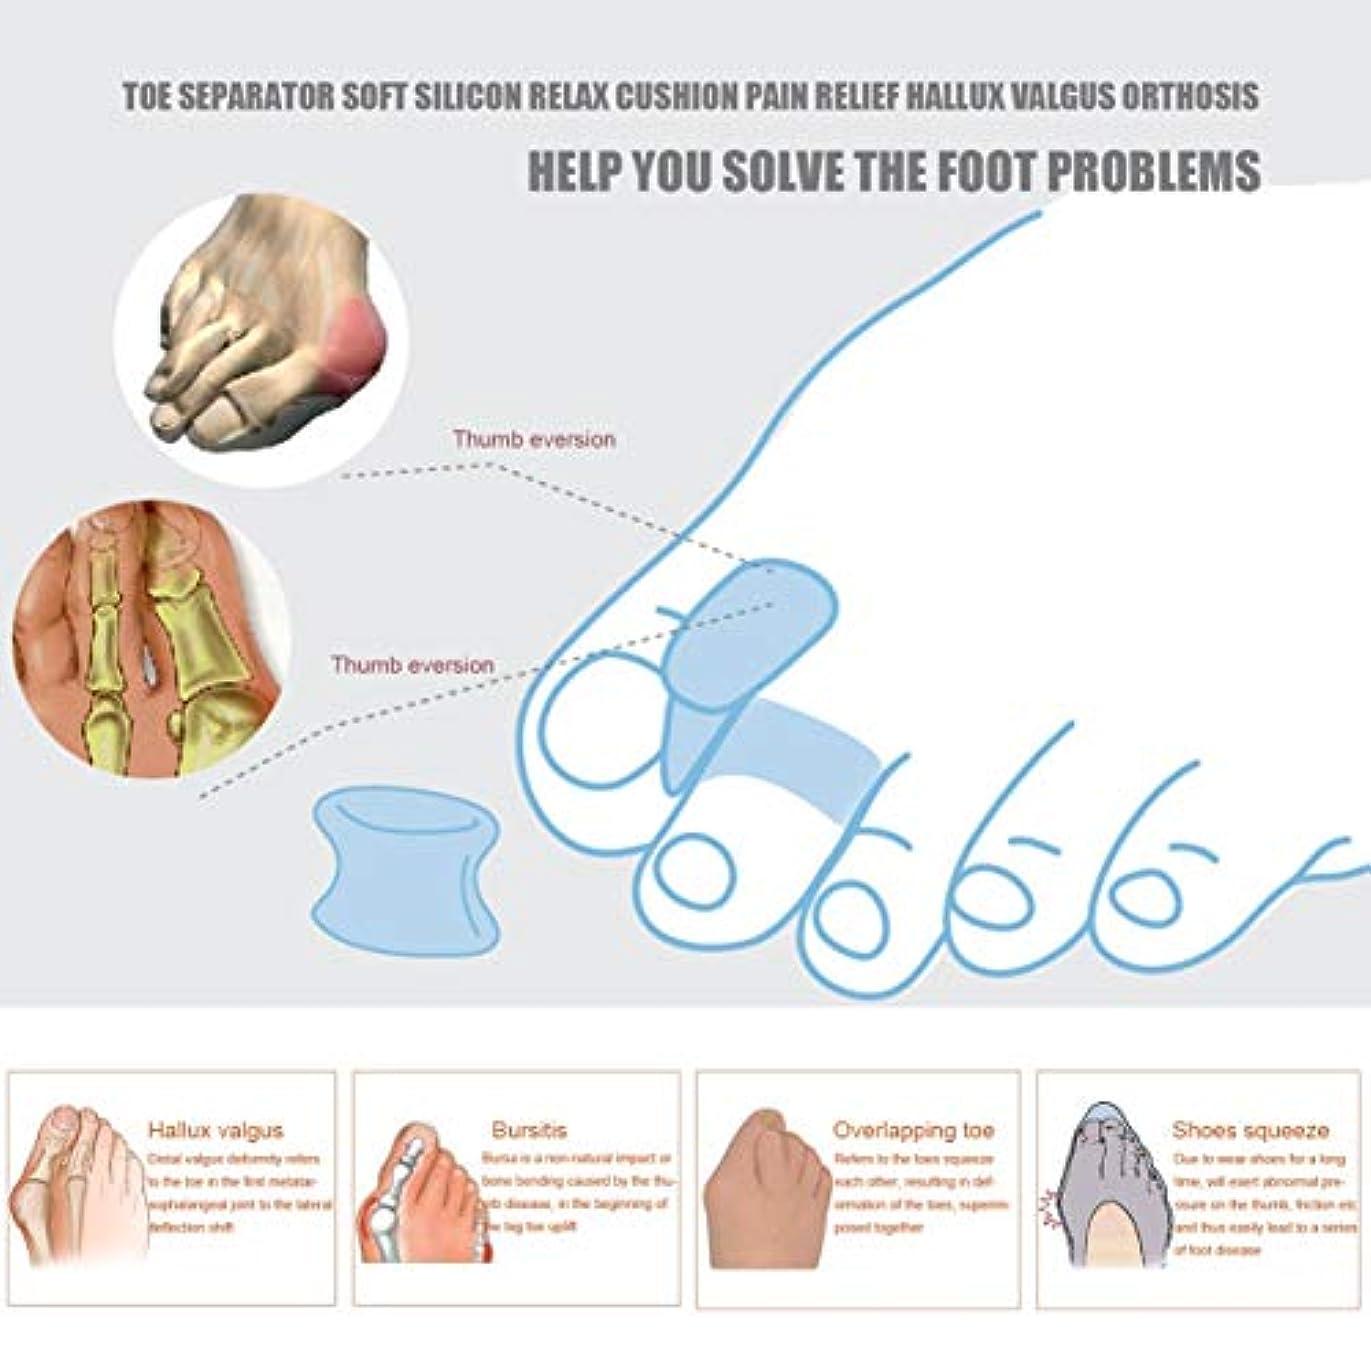 モンキー慈悲深いマリンToe Separator Soft Silicon Feet Care Braces Professional Supports Tools Relax Cushion Pain Relief Hallux valgus...